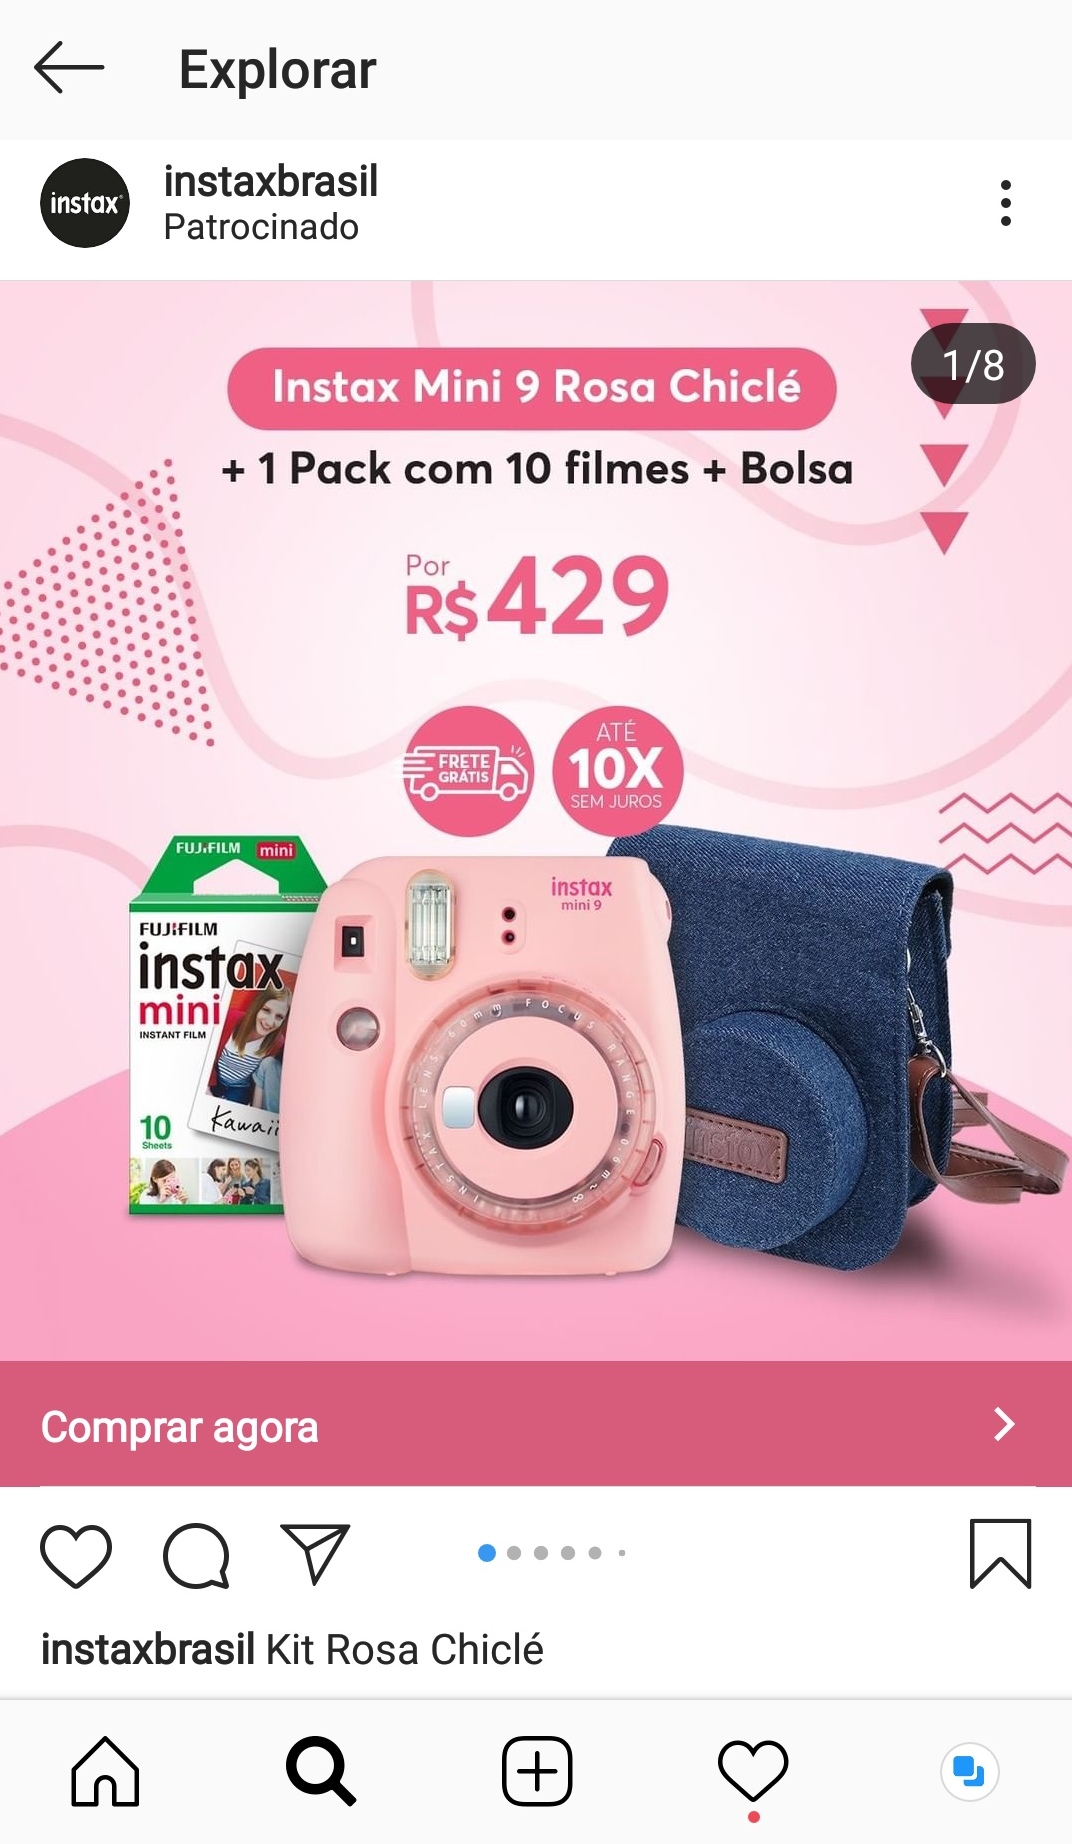 Captura de tela de um anúncio na aba Explorar do Instagram